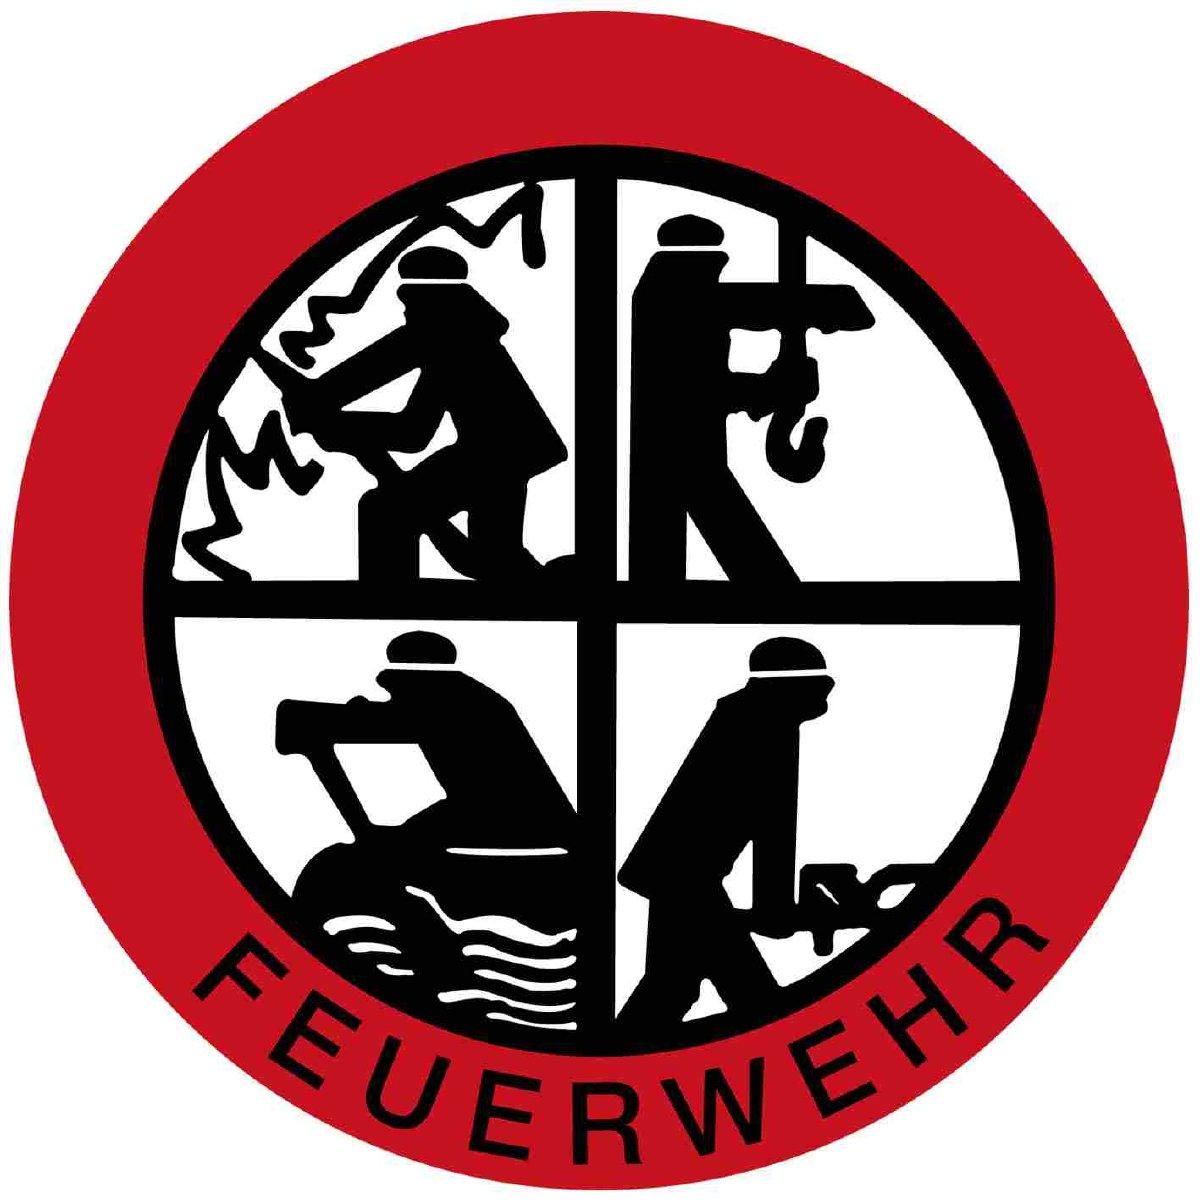 Feuerwehr Mengeringhausen.